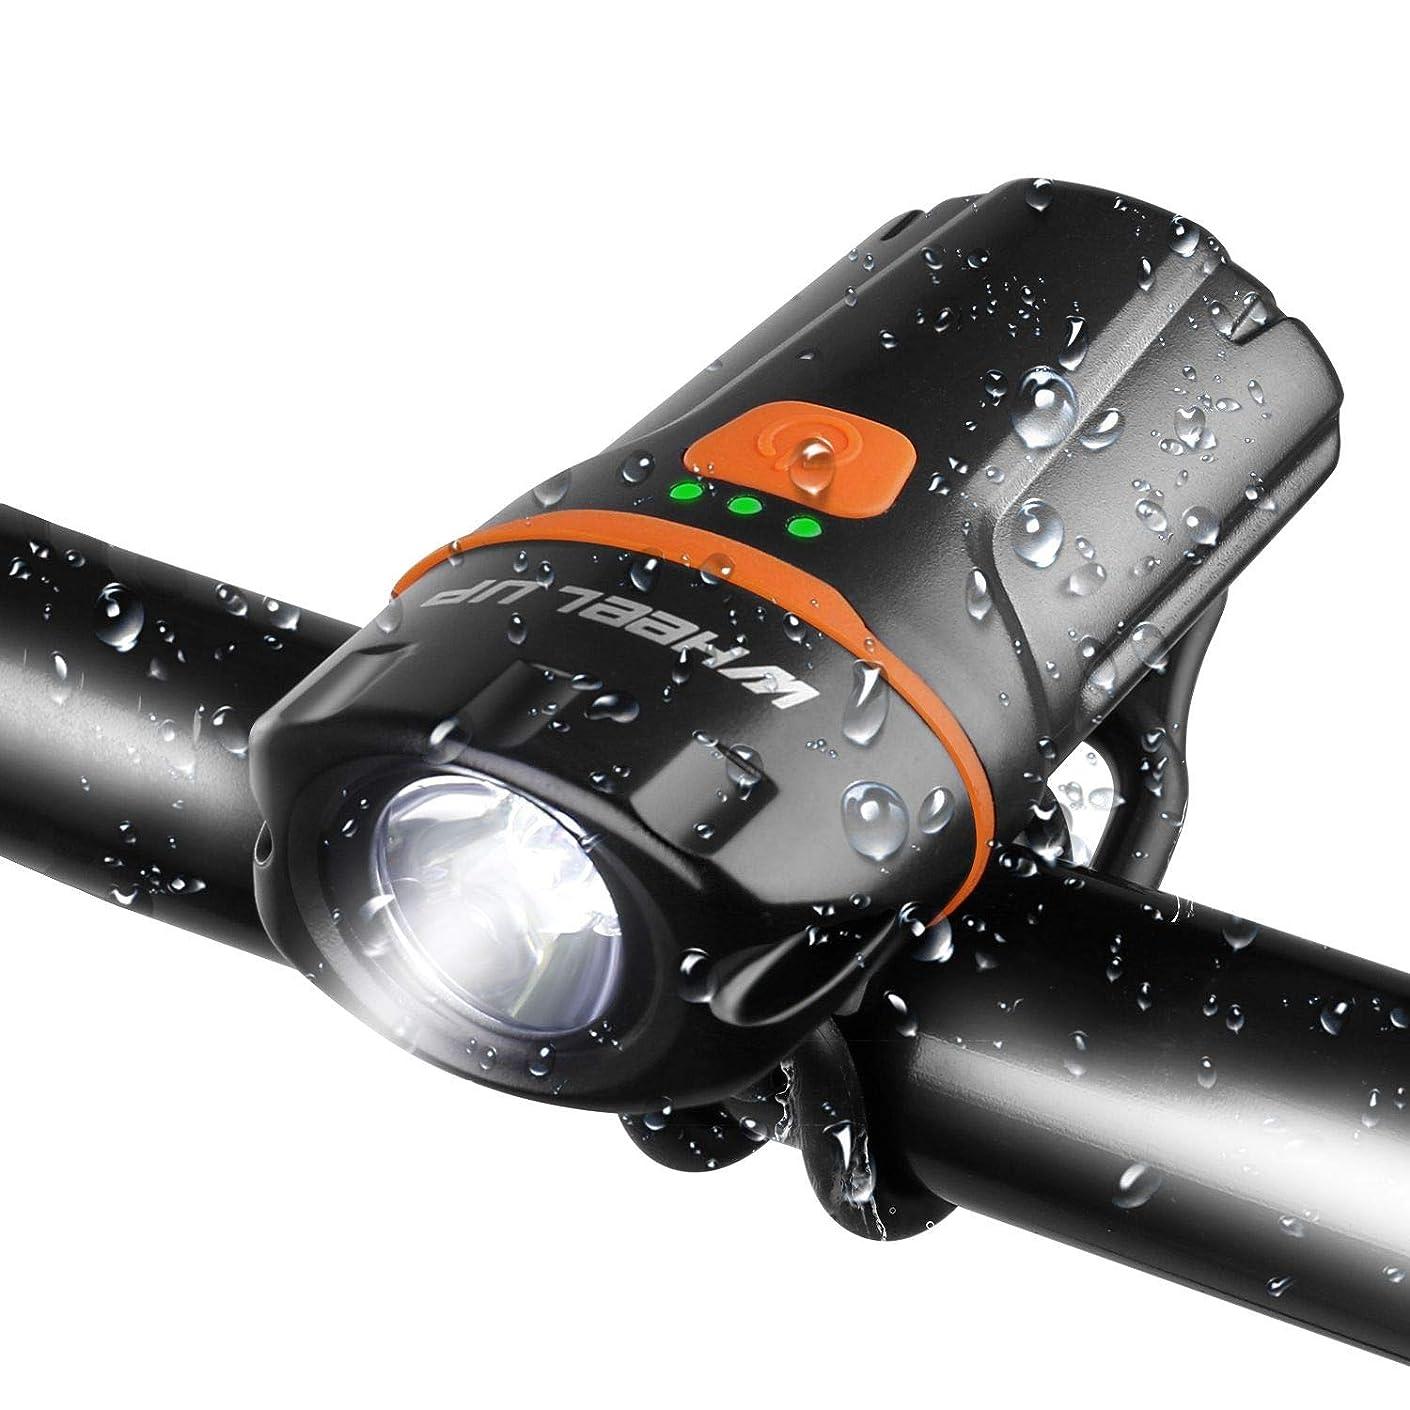 カストディアンぼんやりした酸自転車ヘッドライト USB充電式小型ledライト wheel up超強力ミニ ハンディライト 高輝度6段階点灯モード IP65軍用防水/防振/防災 懐中電灯兼用大容量2500mah スポーツ?アウトドア用SOSフラッシュライト